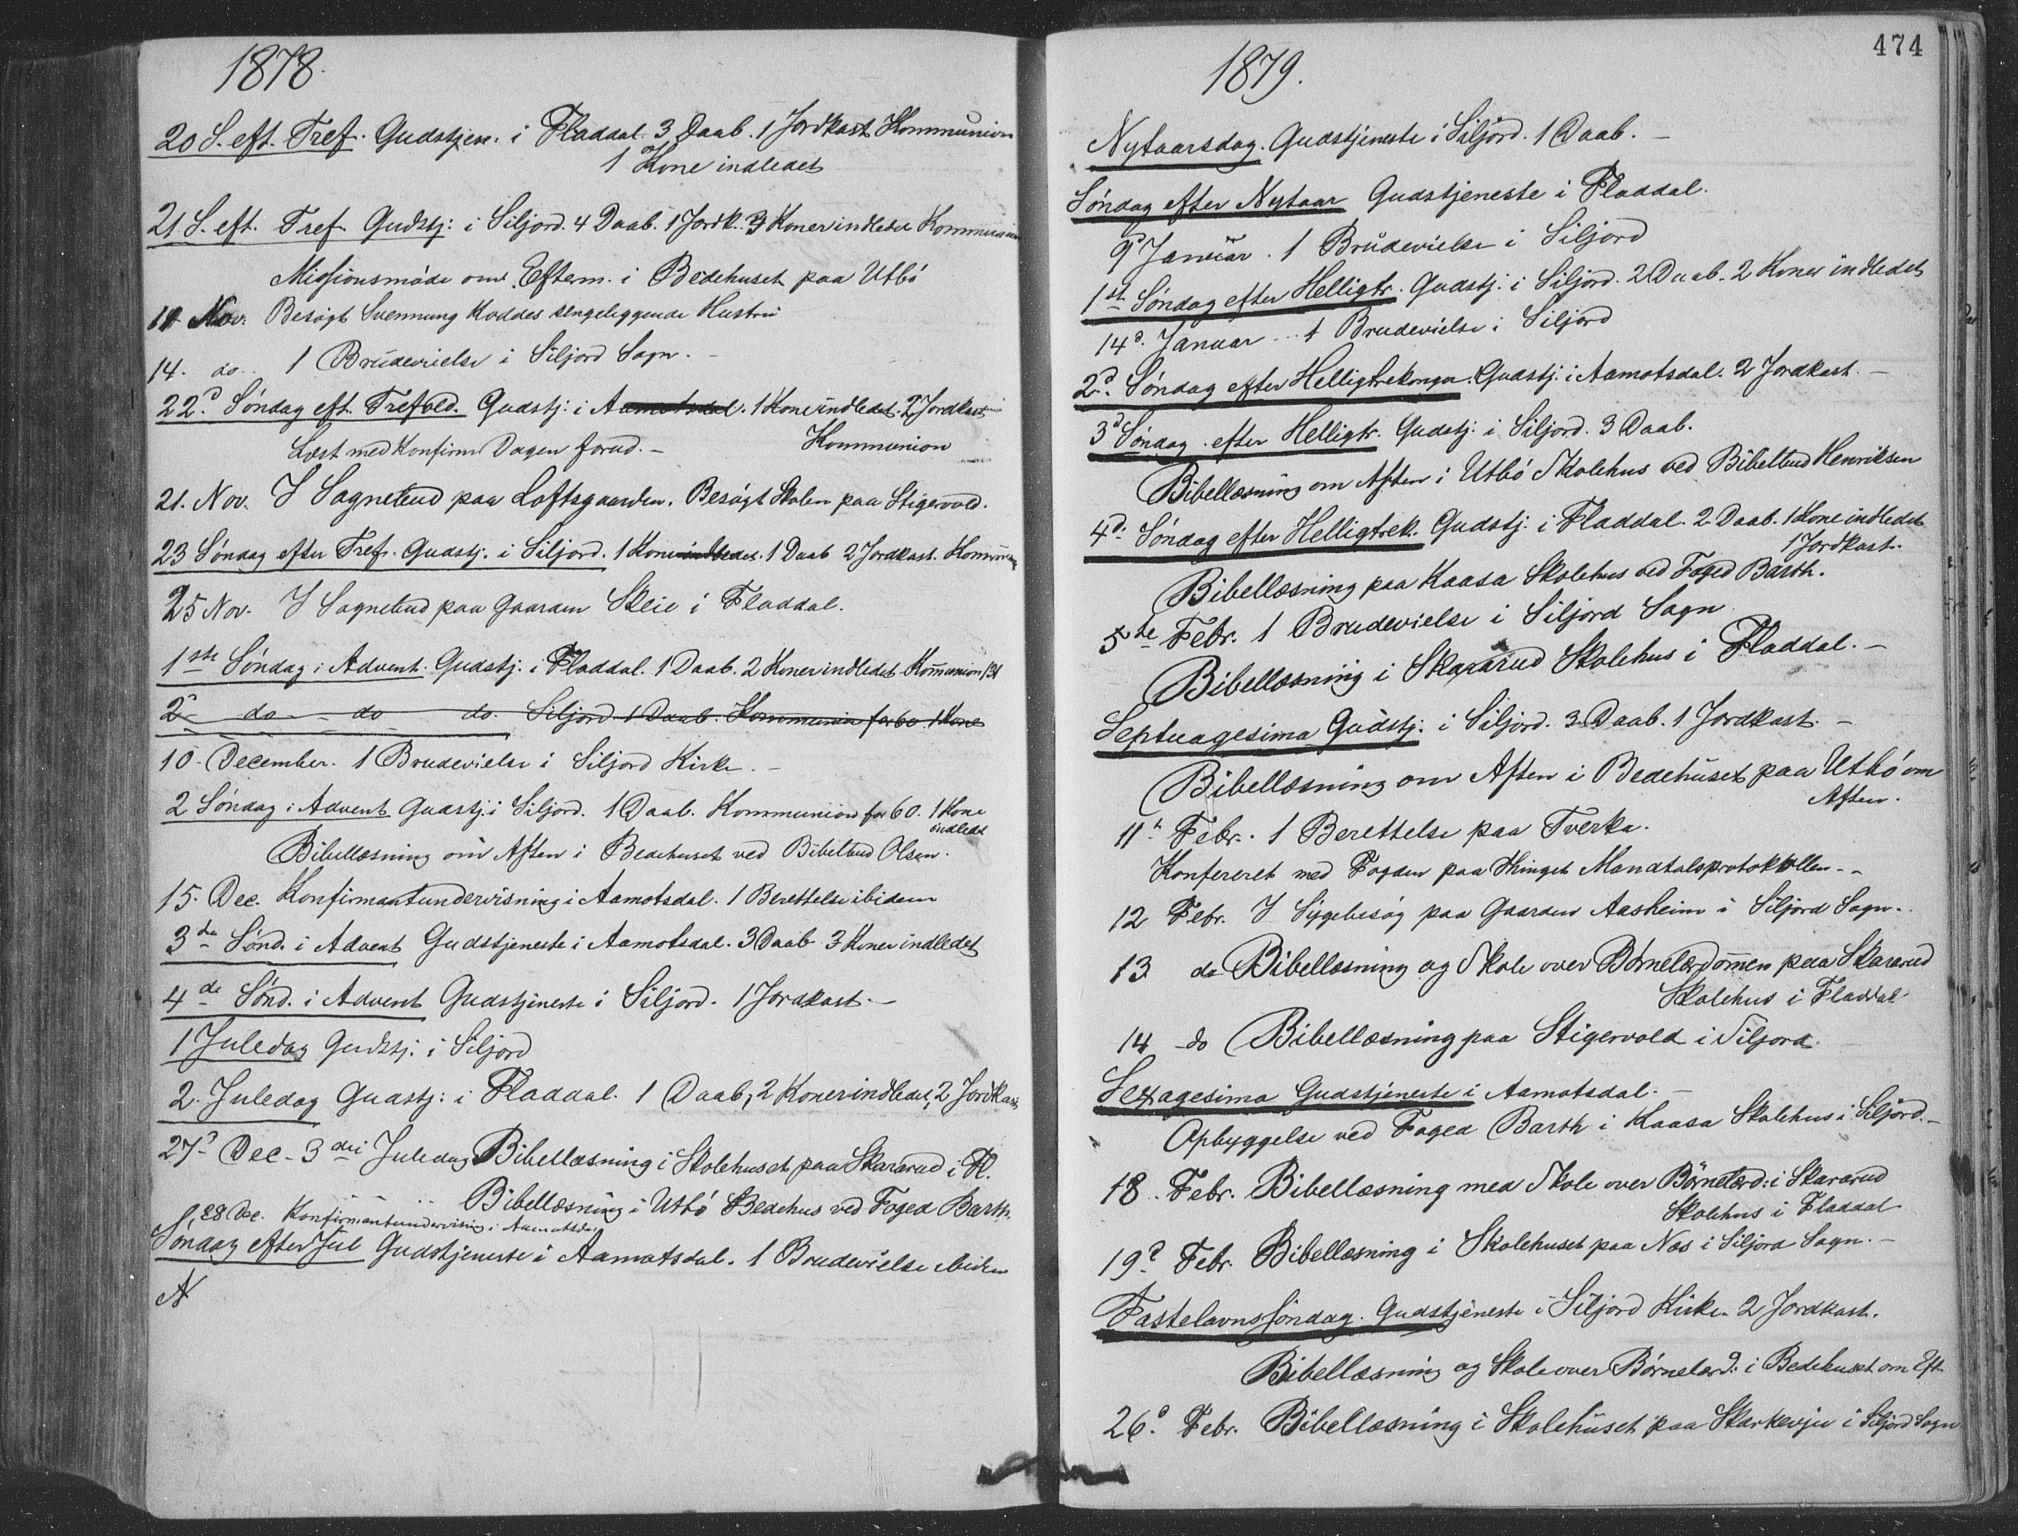 SAKO, Seljord kirkebøker, F/Fa/L0014: Ministerialbok nr. I 14, 1877-1886, s. 474